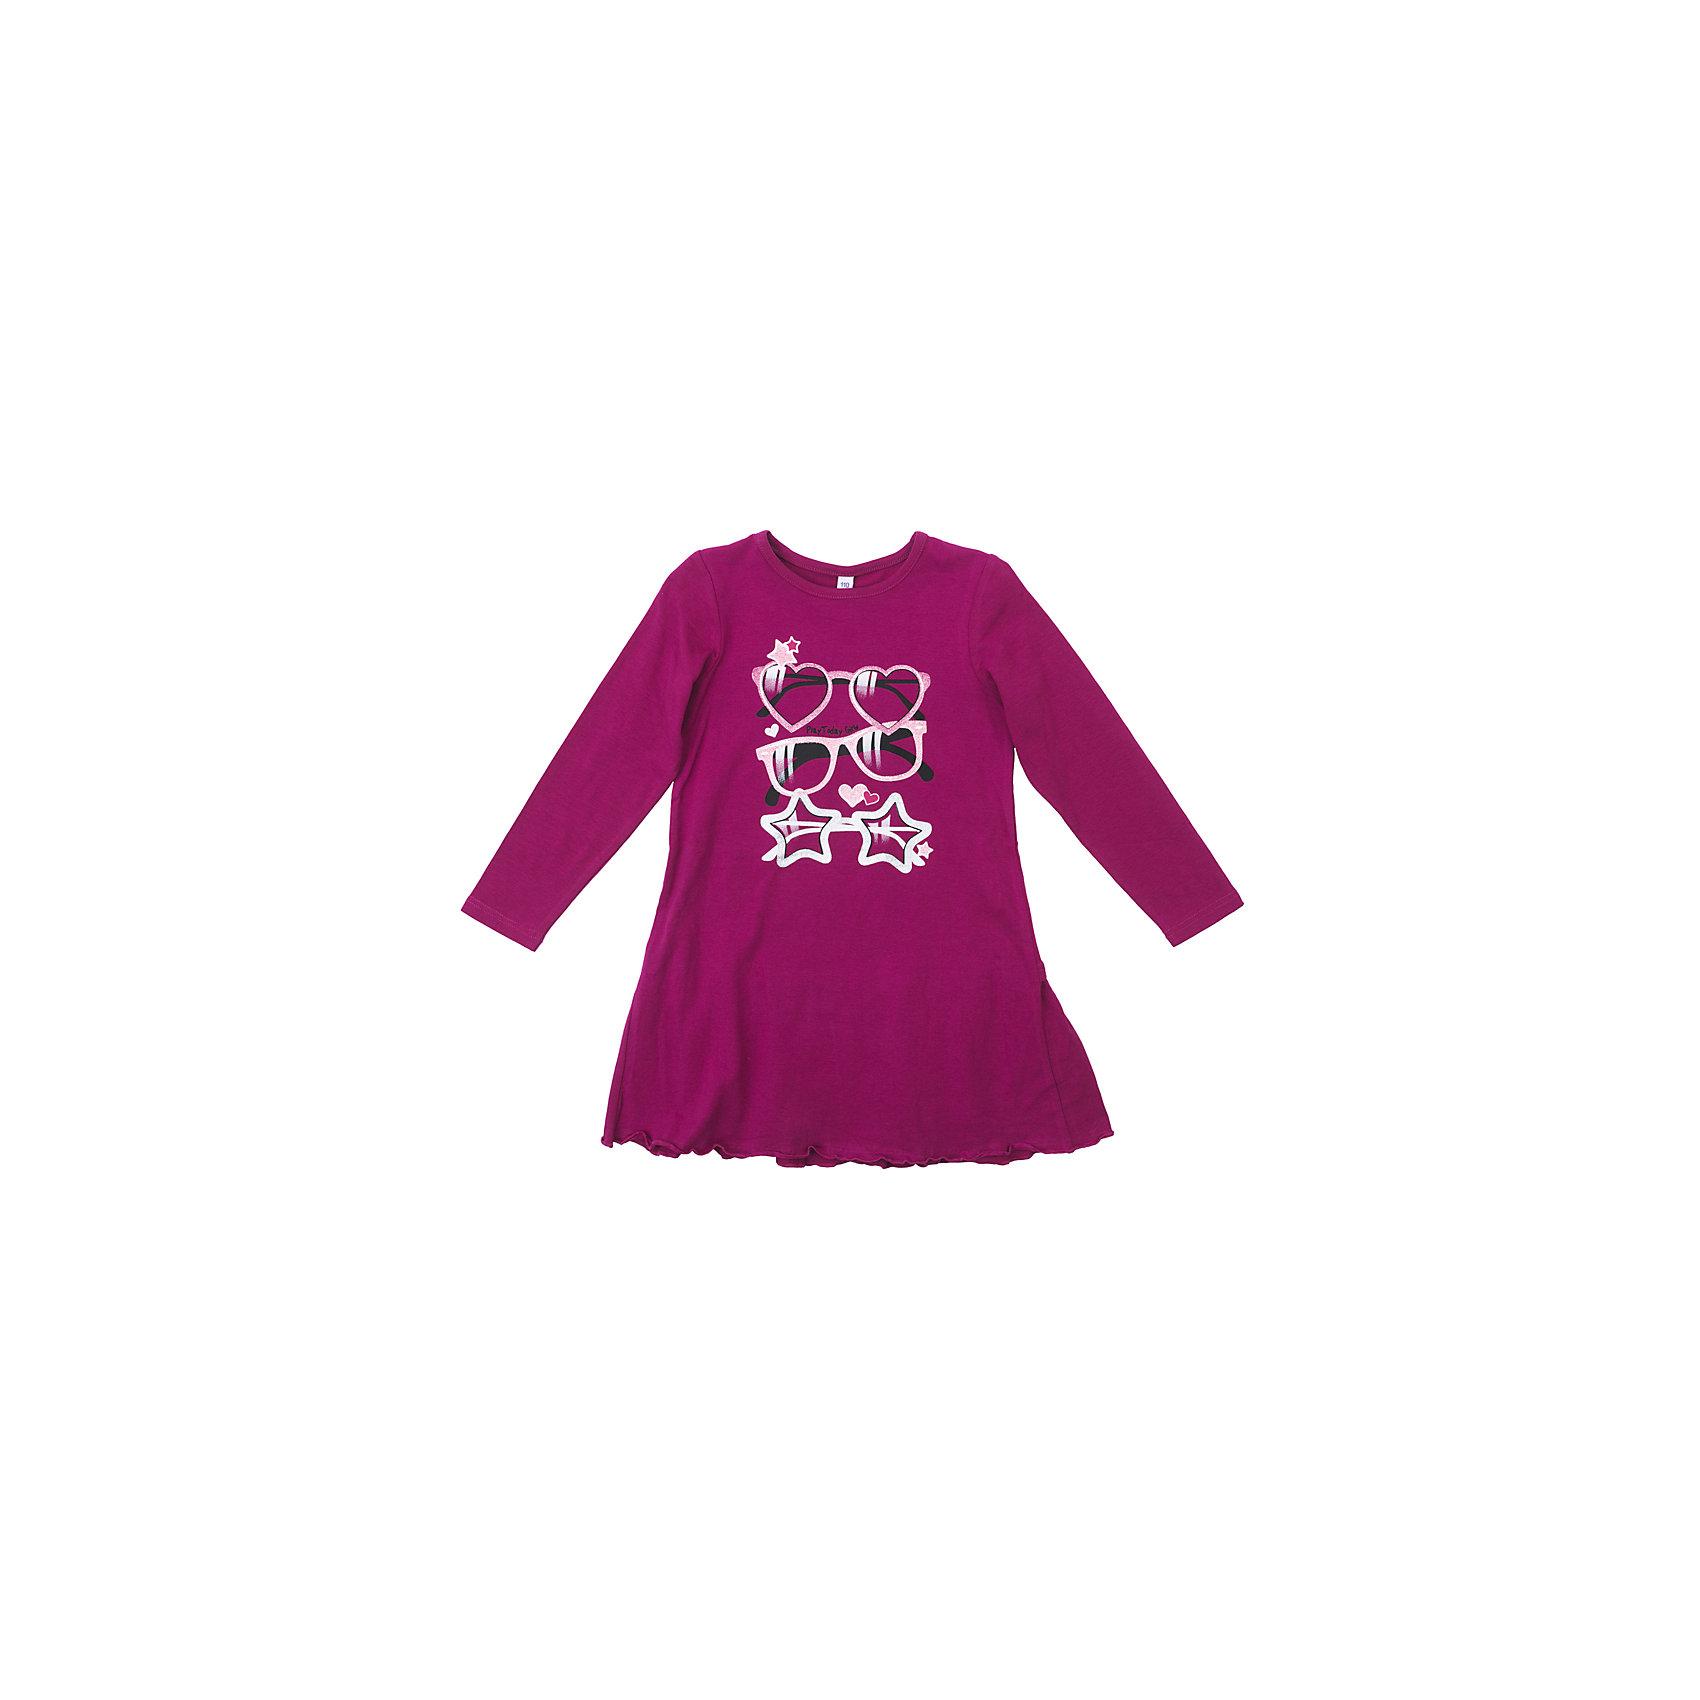 Платье для девочки PlayTodayПлатья и сарафаны<br>Характеристики товара:<br><br>• цвет: розовый<br>• состав: 95% хлопок, 5% эластан<br>• декорирована принтом<br>• эластичный трикотаж<br>• дышащий материал<br>• с длинным рукавом<br>• мягкая обработка краев<br>• комфортная посадка<br>• коллекция: весна-лето 2017<br>• страна бренда: Германия<br>• страна производства: Китай<br><br>Популярный бренд PlayToday выпустил новую коллекцию! Вещи из неё продолжают радовать покупателей удобством, стильным дизайном и продуманным кроем. Дети носят их с удовольствием. PlayToday - это линейка товаров, созданная специально для детей. Дизайнеры учитывают новые веяния моды и потребности детей. Порадуйте ребенка обновкой от проверенного производителя!<br>Такая стильная модель обеспечит ребенку комфорт благодаря качественному материалу и продуманному крою. С помощью неё можно удобно одеться по погоде. Очень модная вещь! Симпатично выглядит и долго служит.<br><br>Платье для девочки от известного бренда PlayToday можно купить в нашем интернет-магазине.<br><br>Ширина мм: 236<br>Глубина мм: 16<br>Высота мм: 184<br>Вес г: 177<br>Цвет: розовый<br>Возраст от месяцев: 84<br>Возраст до месяцев: 96<br>Пол: Женский<br>Возраст: Детский<br>Размер: 128,98,104,110,116,122<br>SKU: 5404160